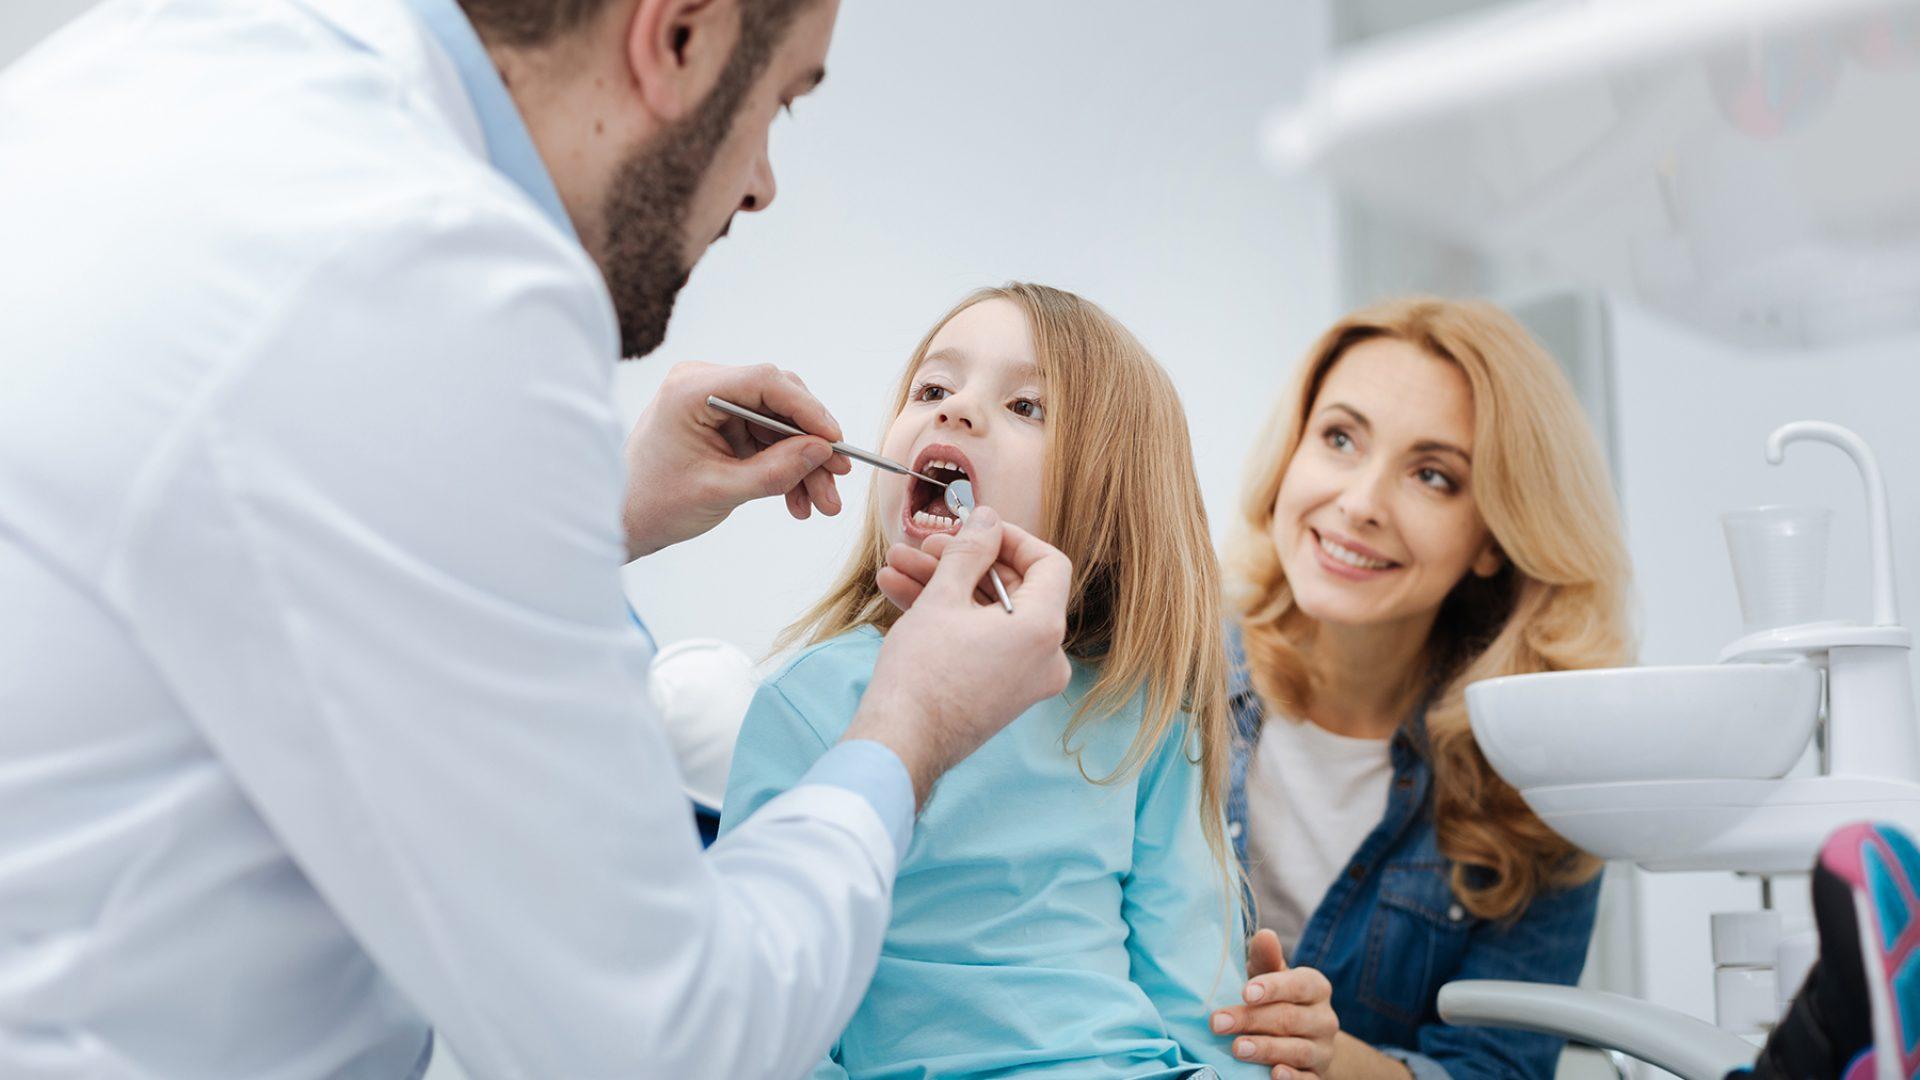 Dental care children Netherlands